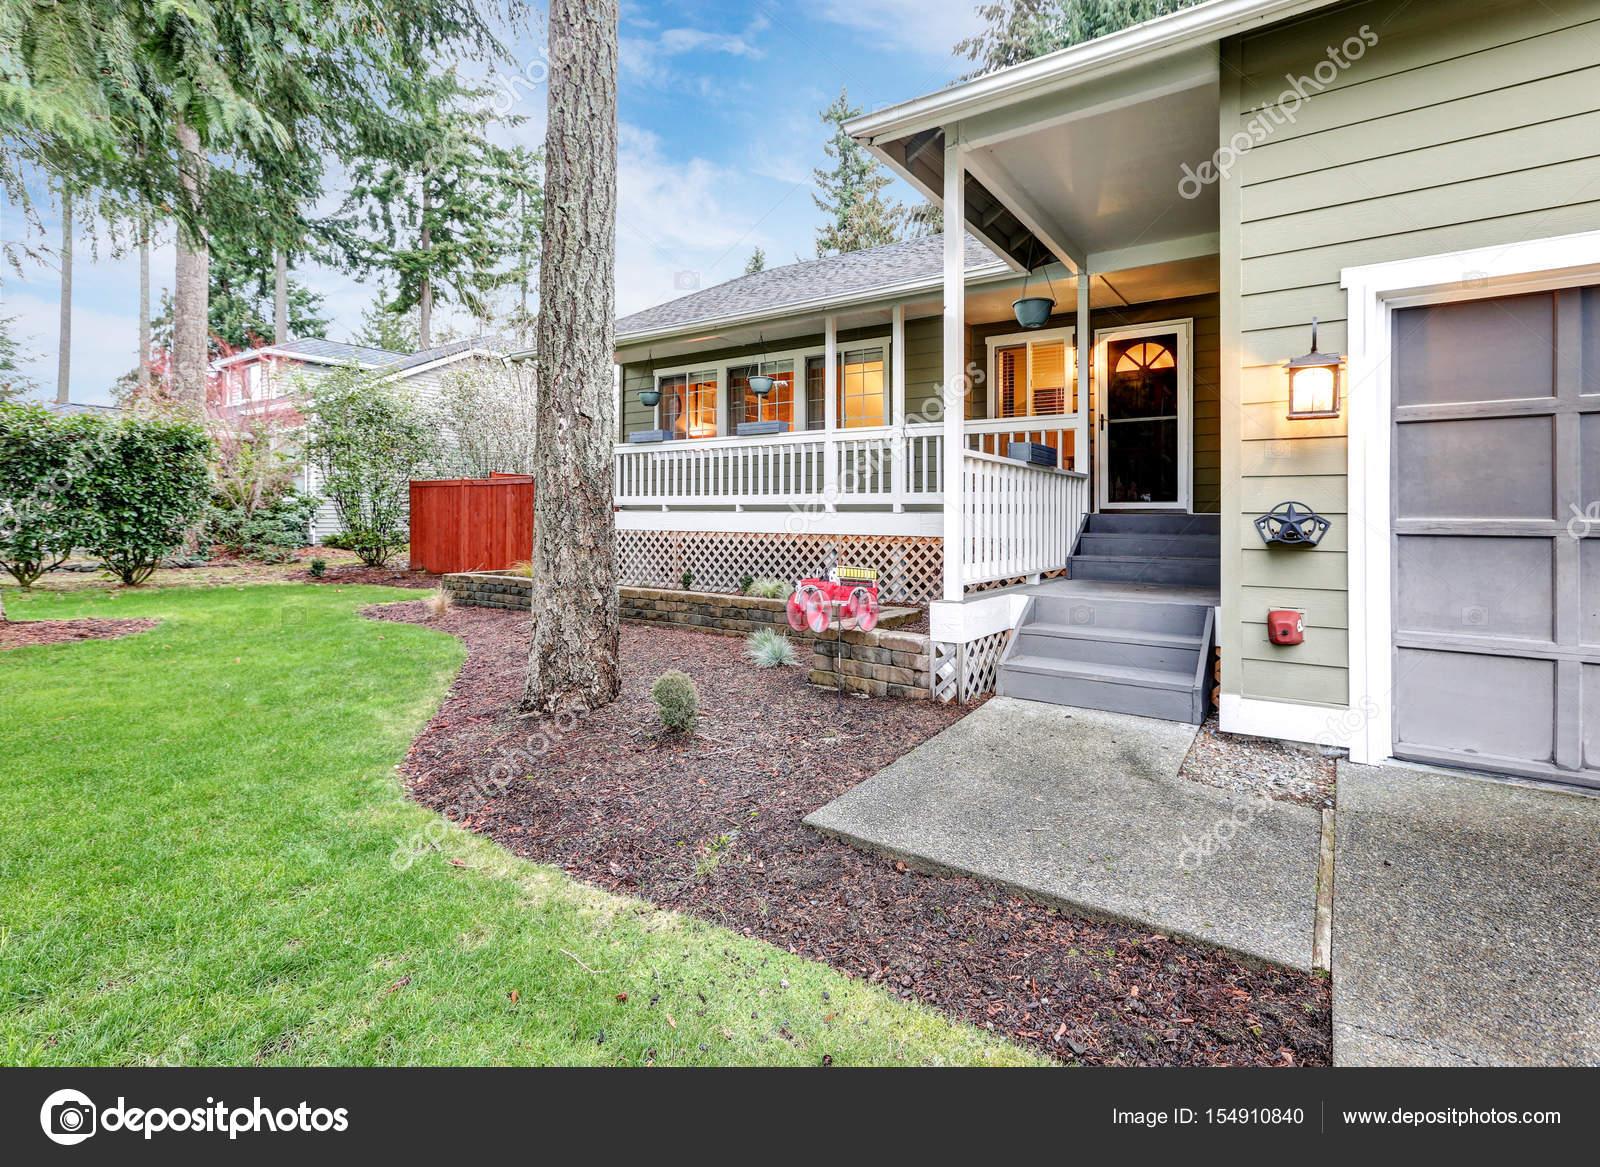 Mooie huis buitenkant met gastvrij bedekt veranda u2014 stockfoto